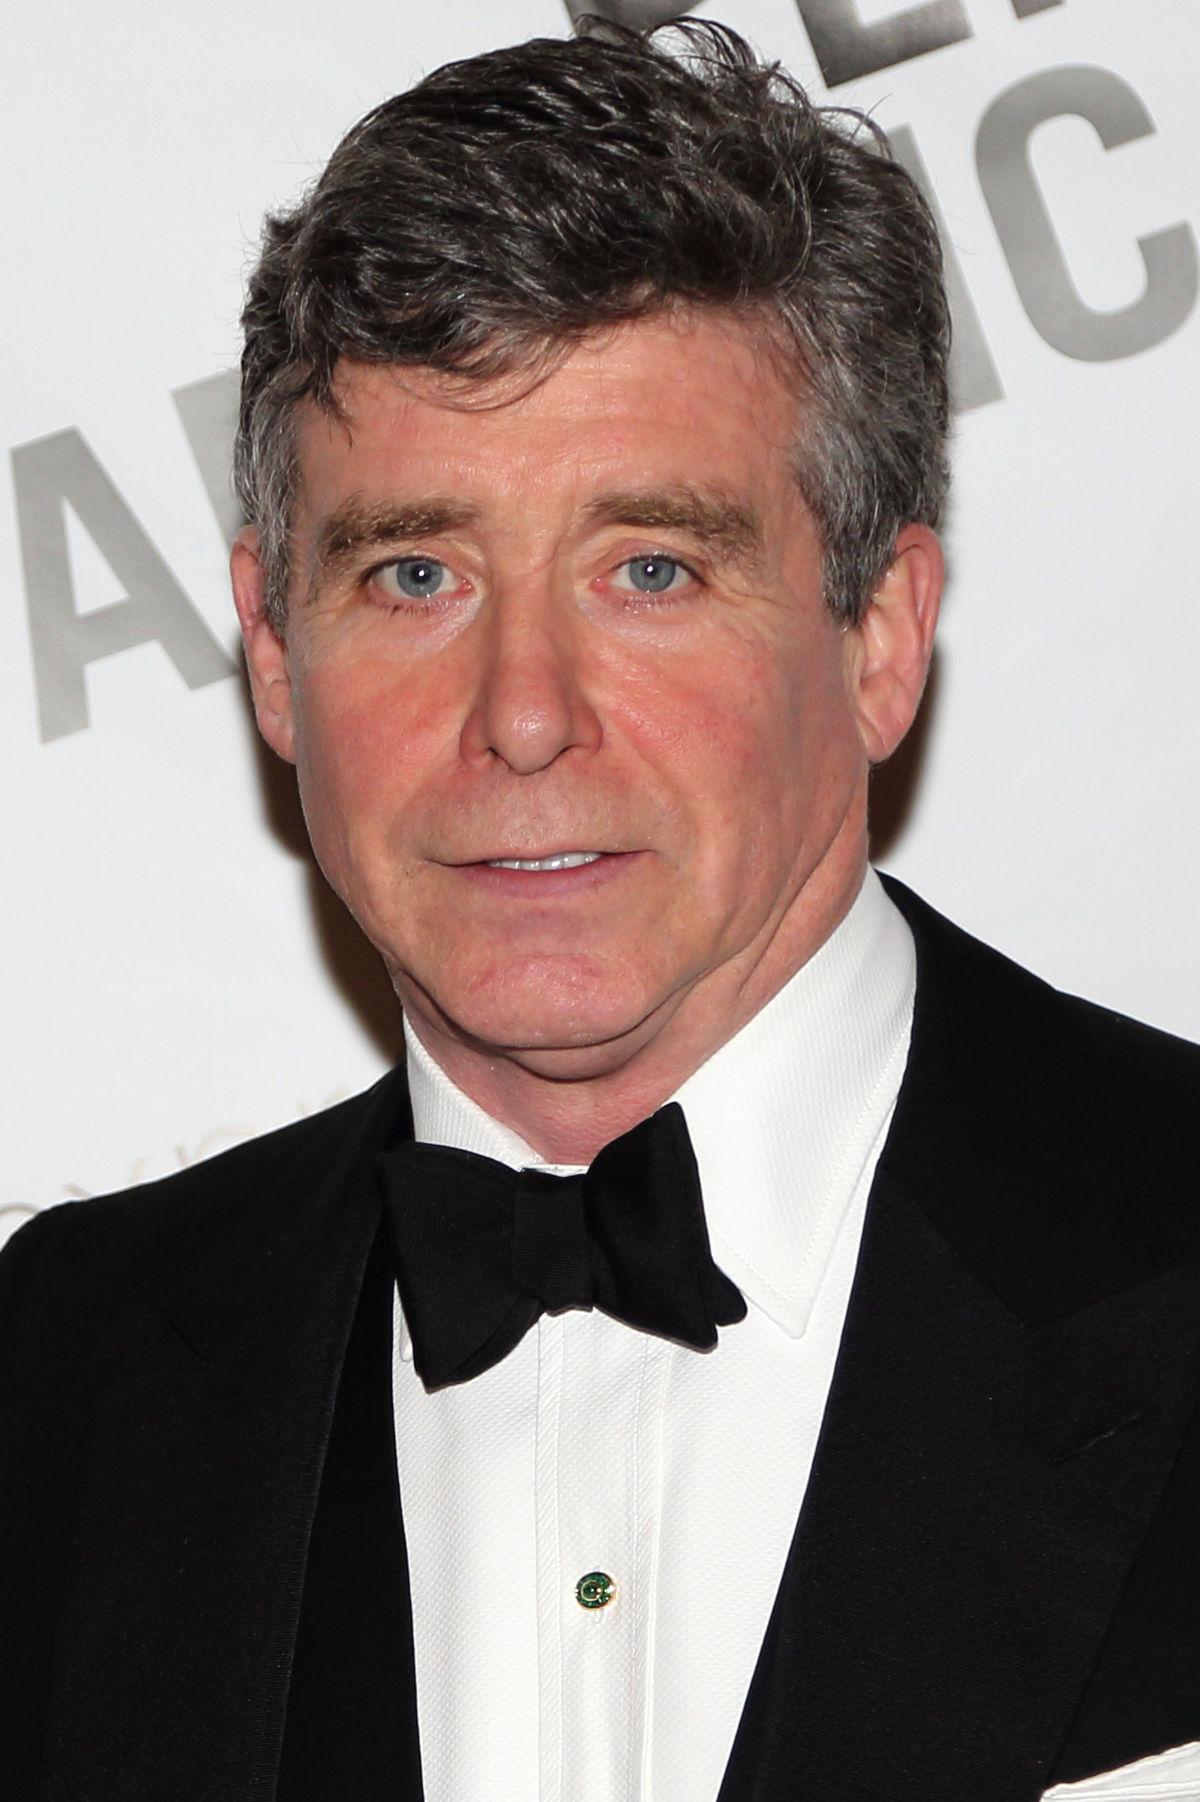 Jay McInerney - Wikipedia